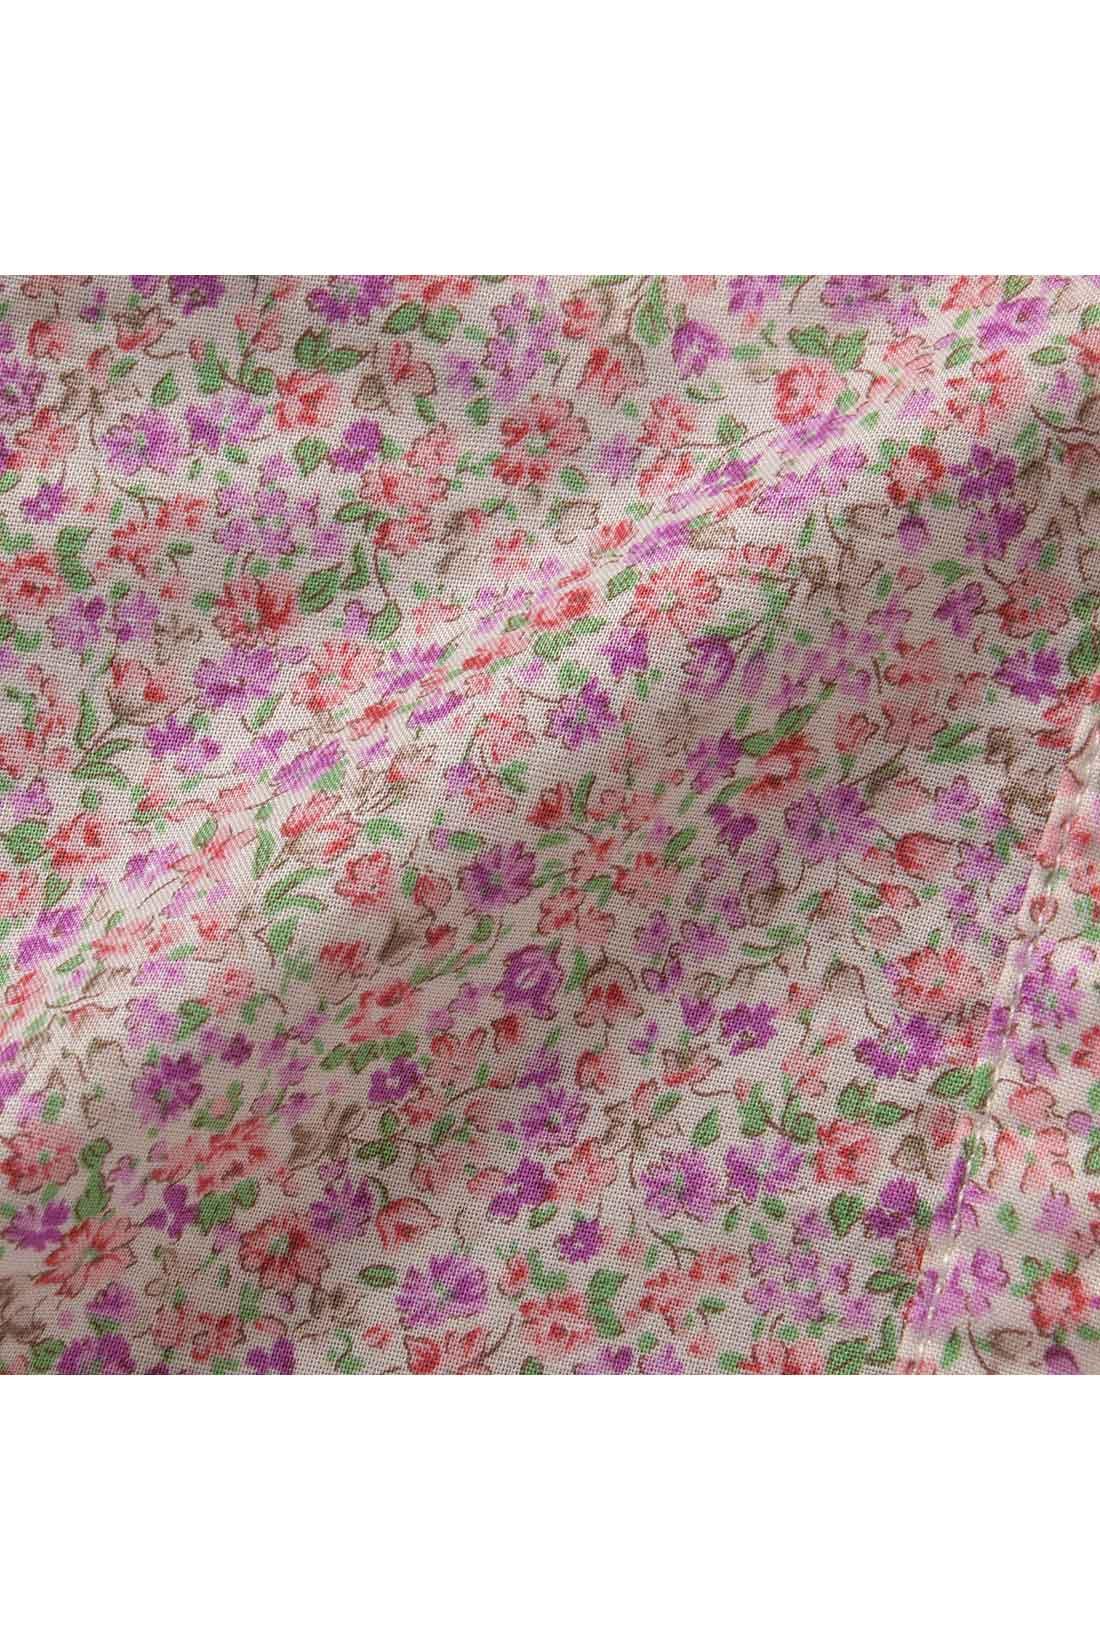 シャツ生地は、柄ものでも着こなしやすいフェミニンな小花柄。